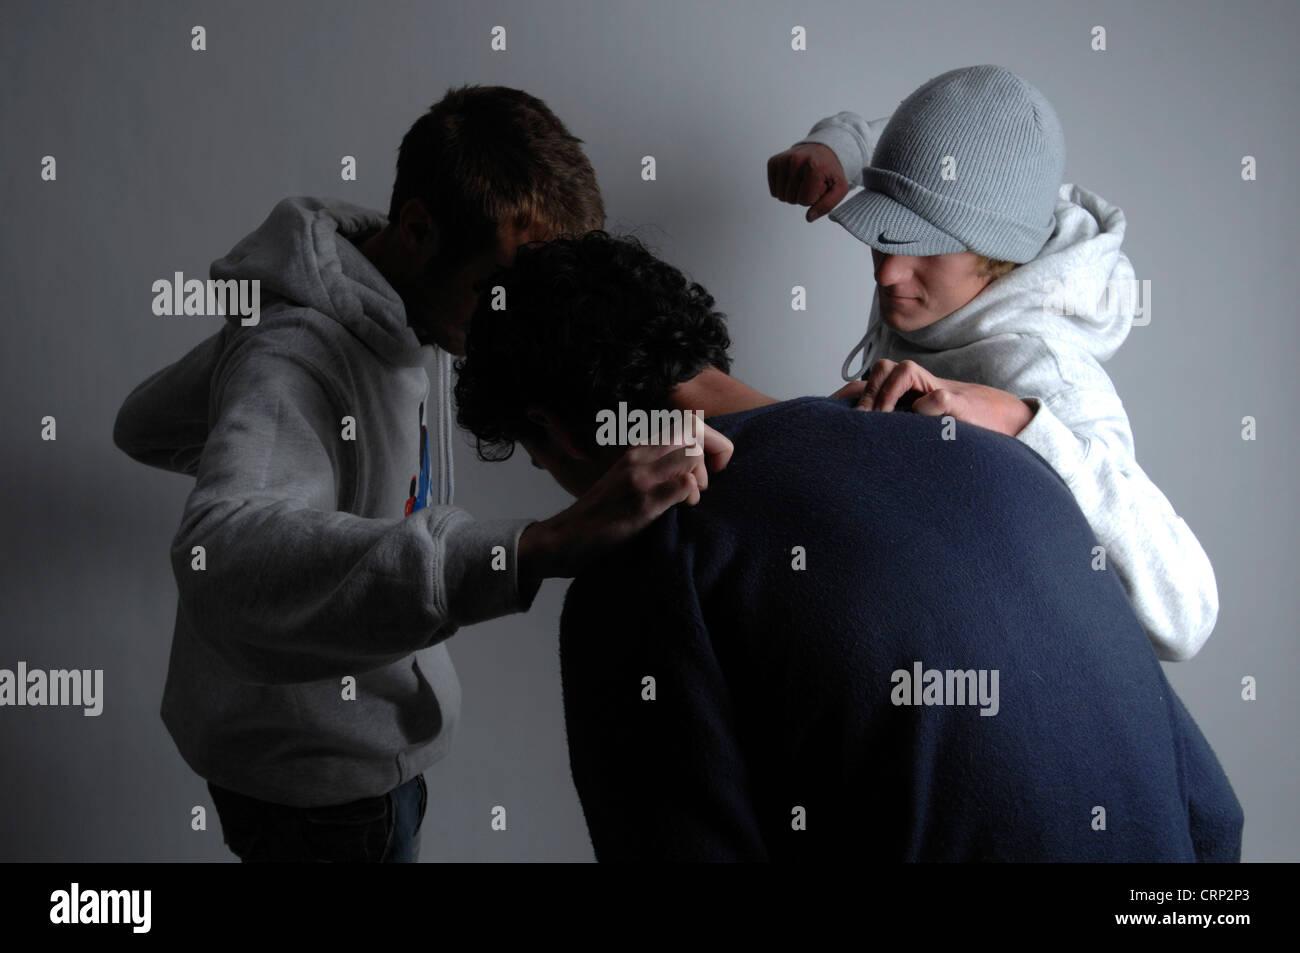 Zwei junge Männer verprügeln eines jungen Mannes Stockbild